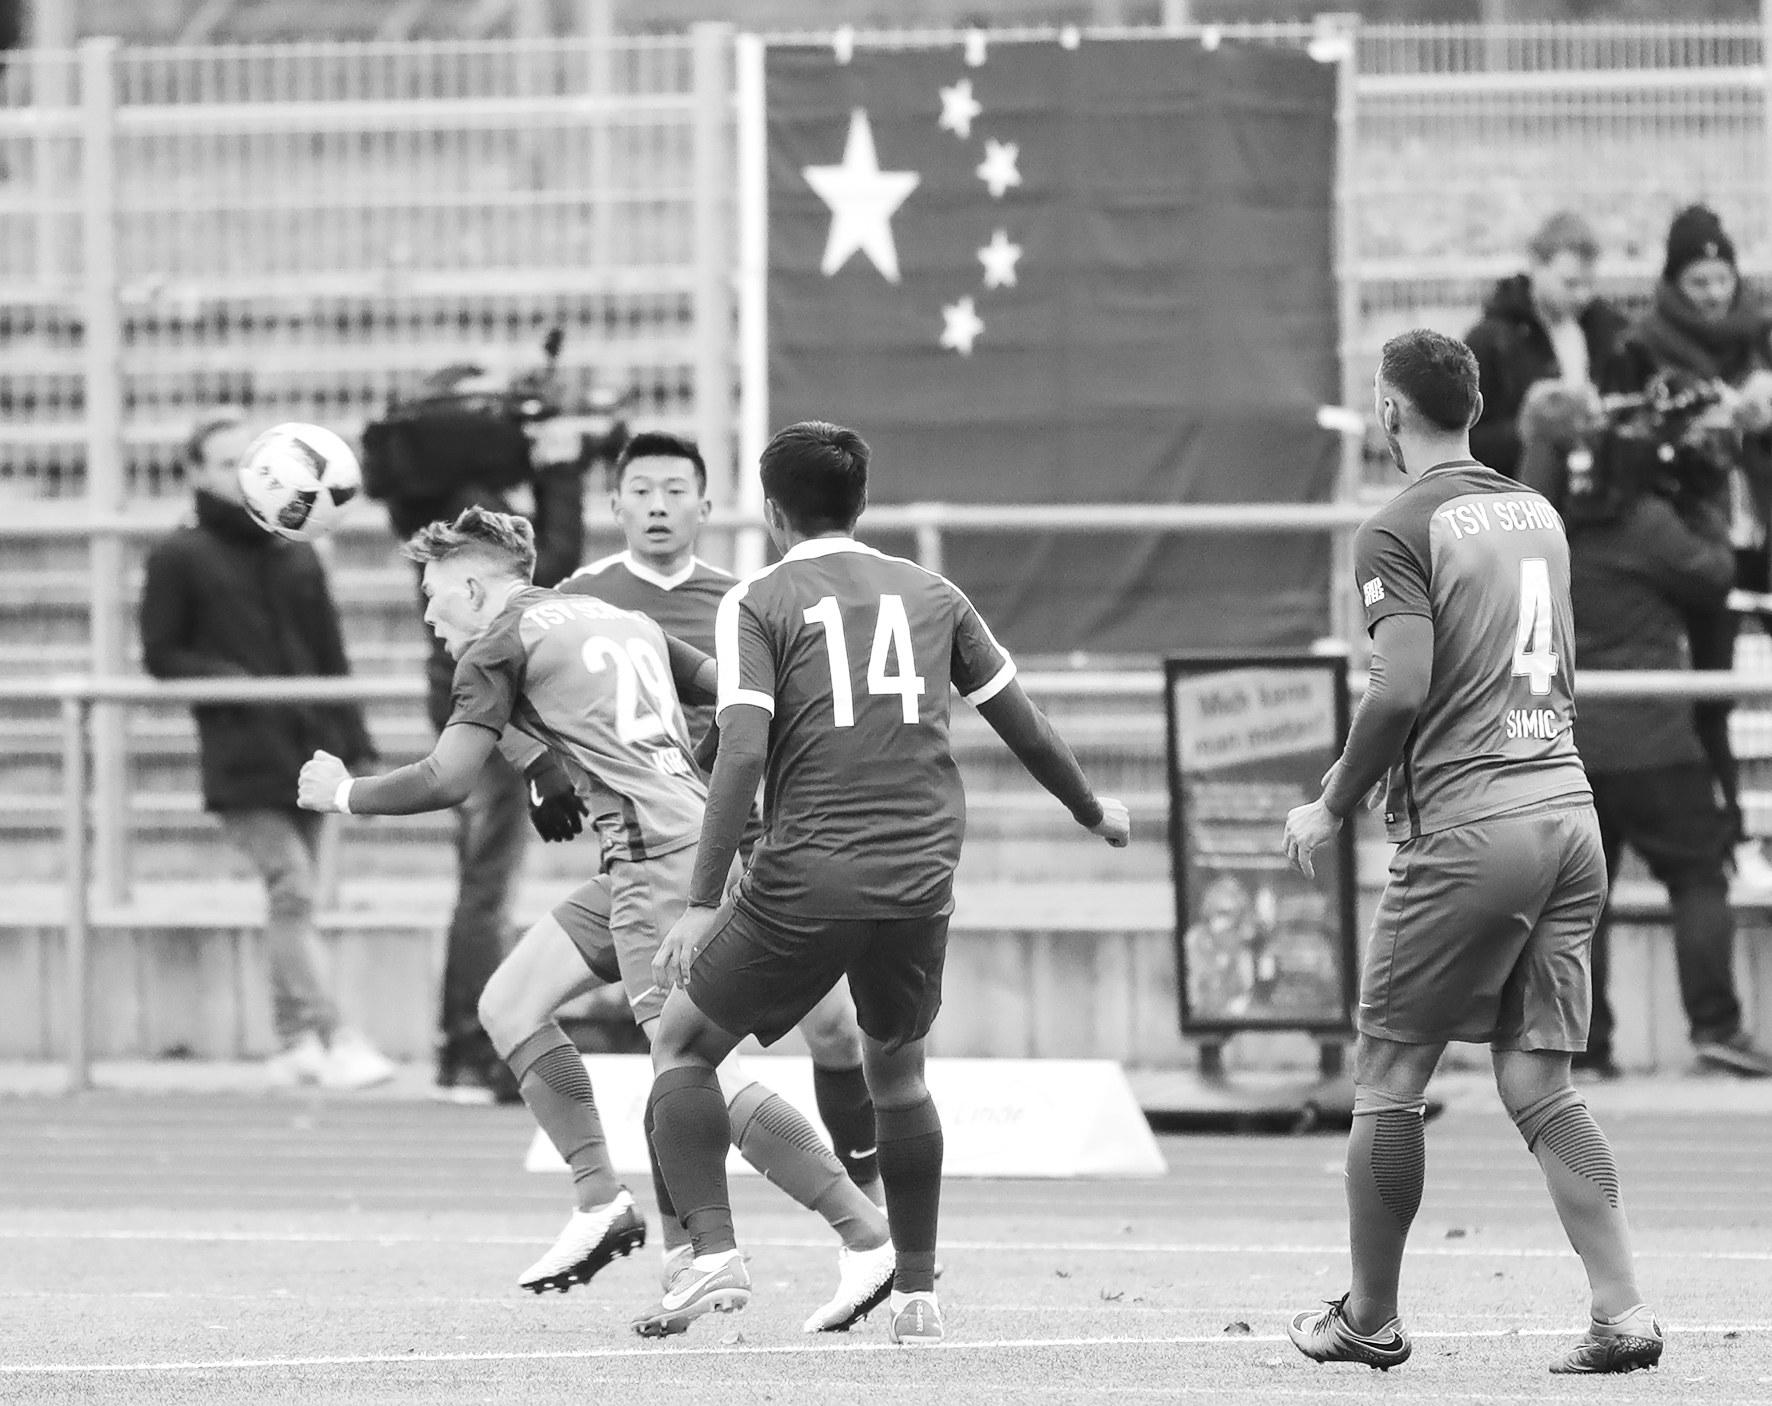 """中国U20德国比赛被""""藏独""""旗挑衅 球员退场抗议"""